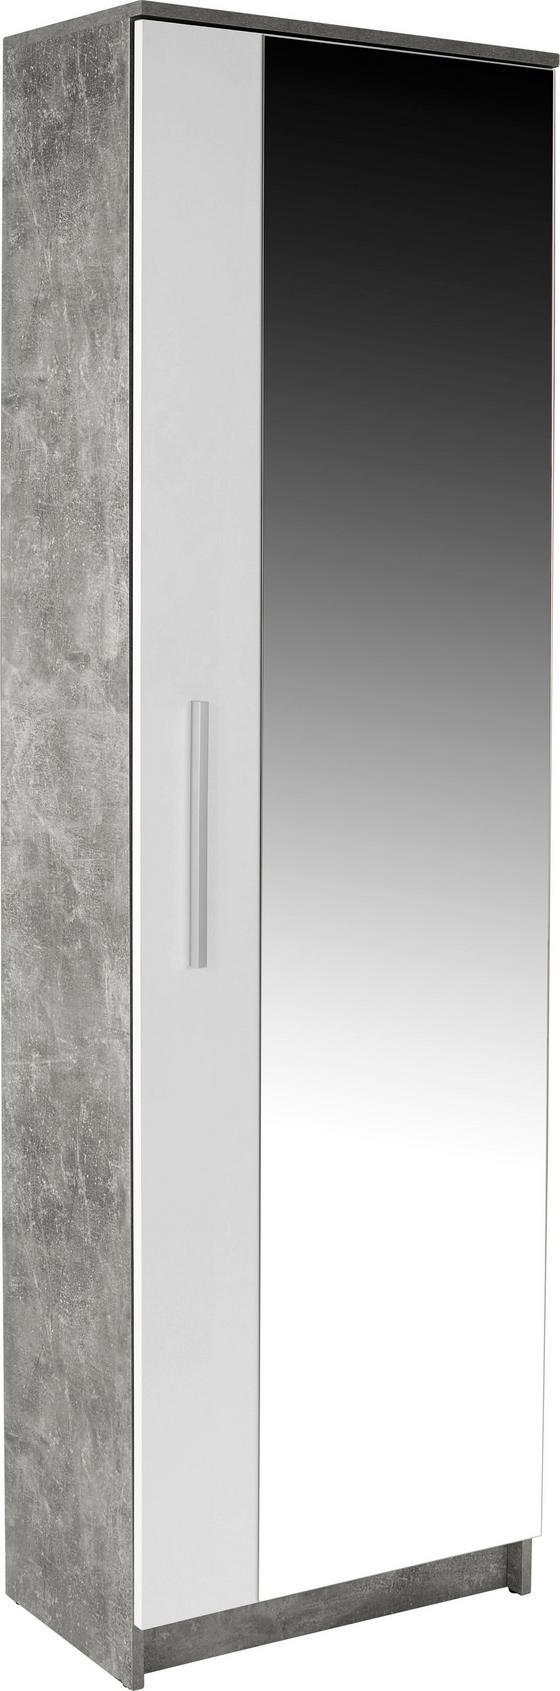 Előszobaszekrény Tina - világosszürke/fehér, modern, üveg/faanyagok (60/198/32cm)